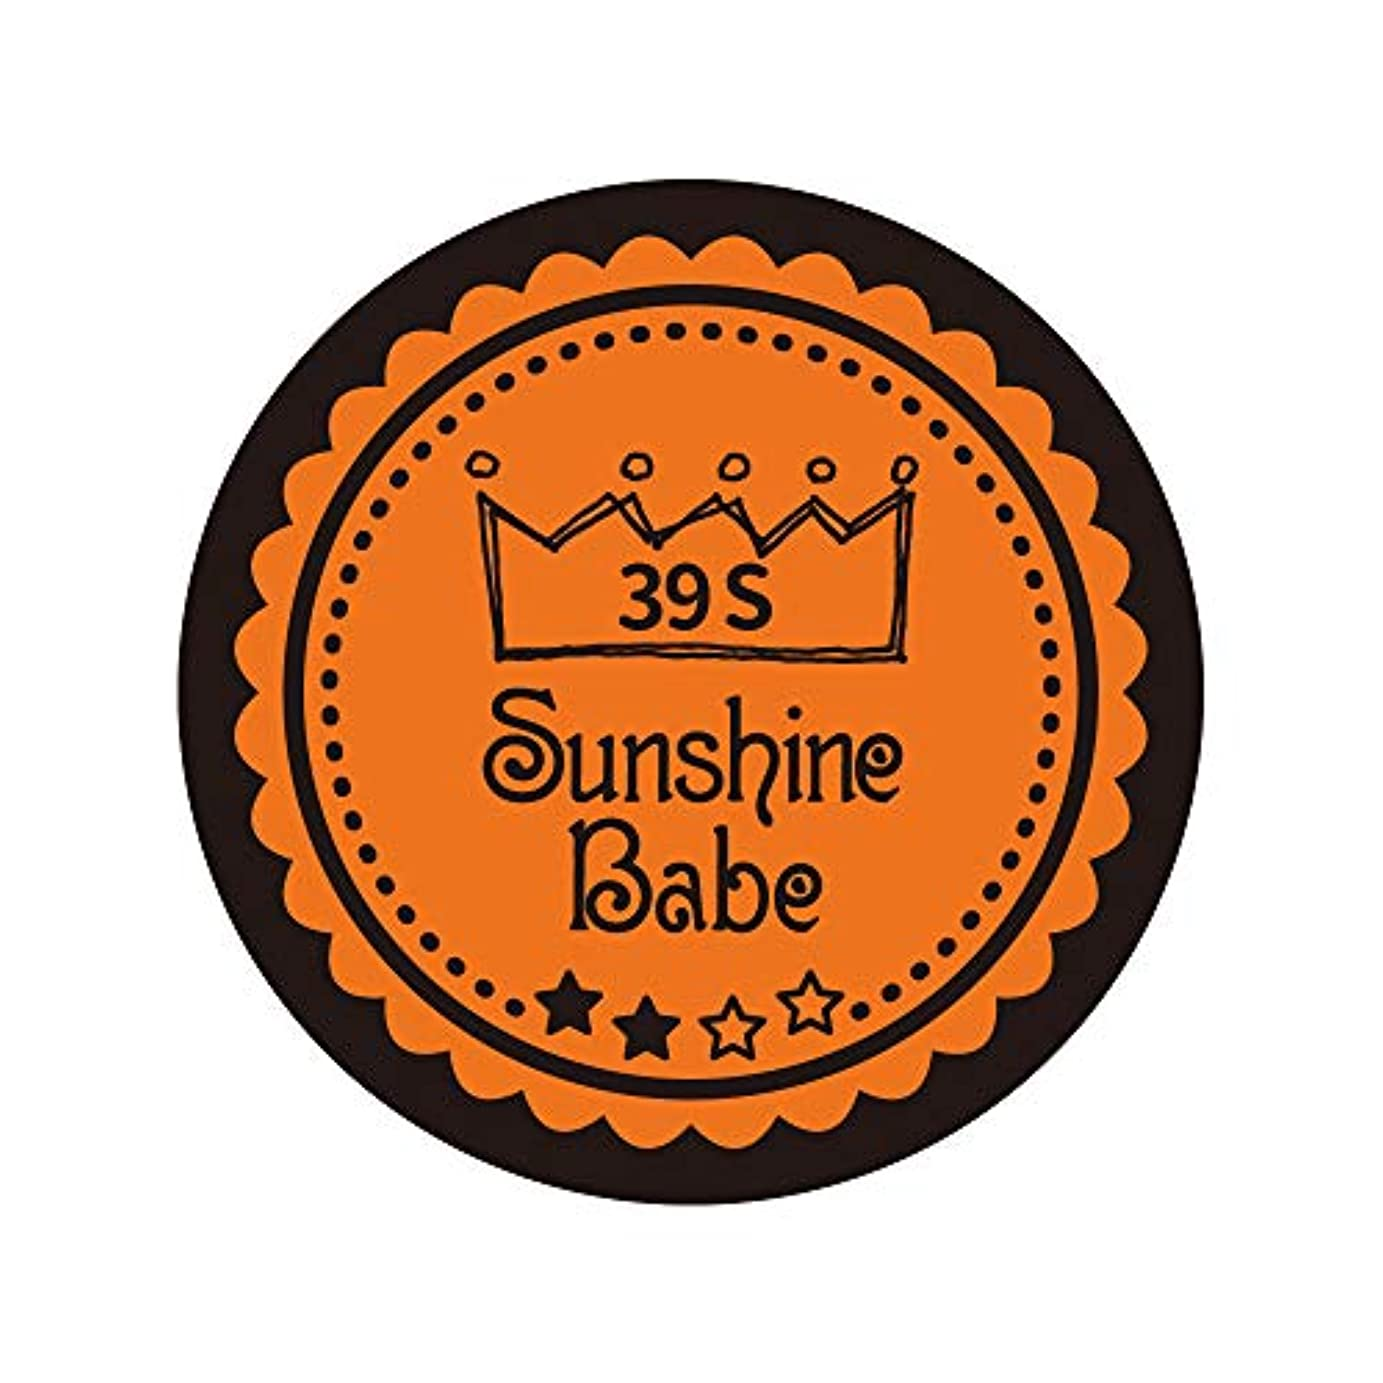 とにかくオデュッセウス割れ目Sunshine Babe カラージェル 39S ラセットオレンジ 2.7g UV/LED対応